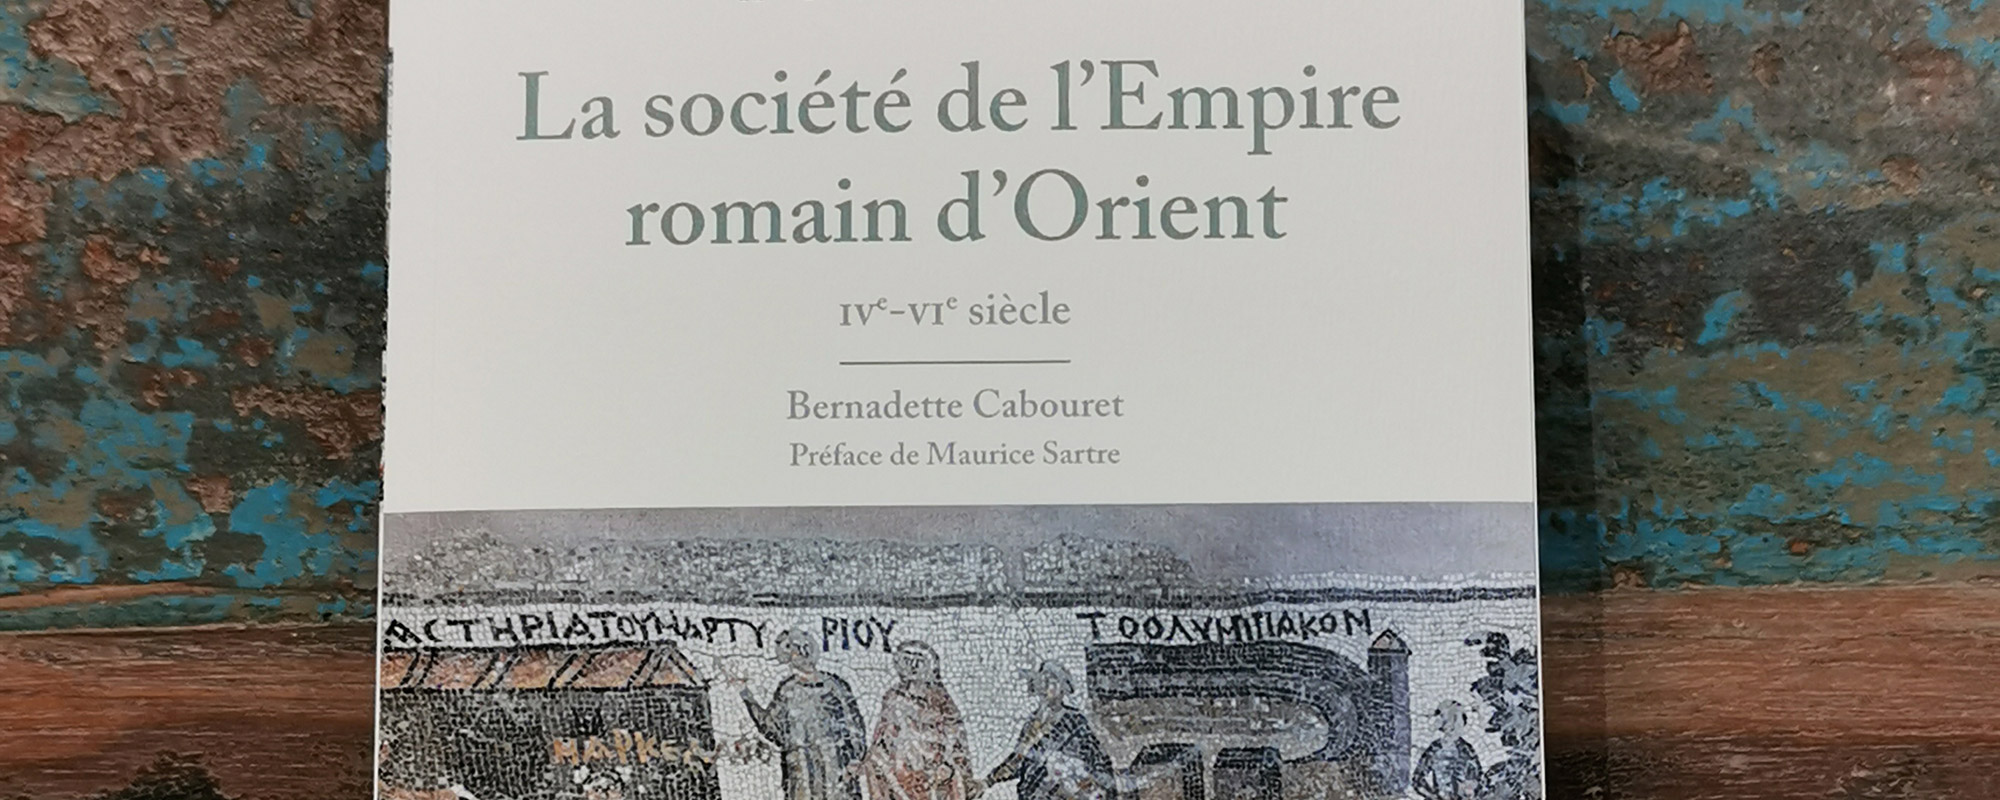 La société de l'Empire romain d'Orient